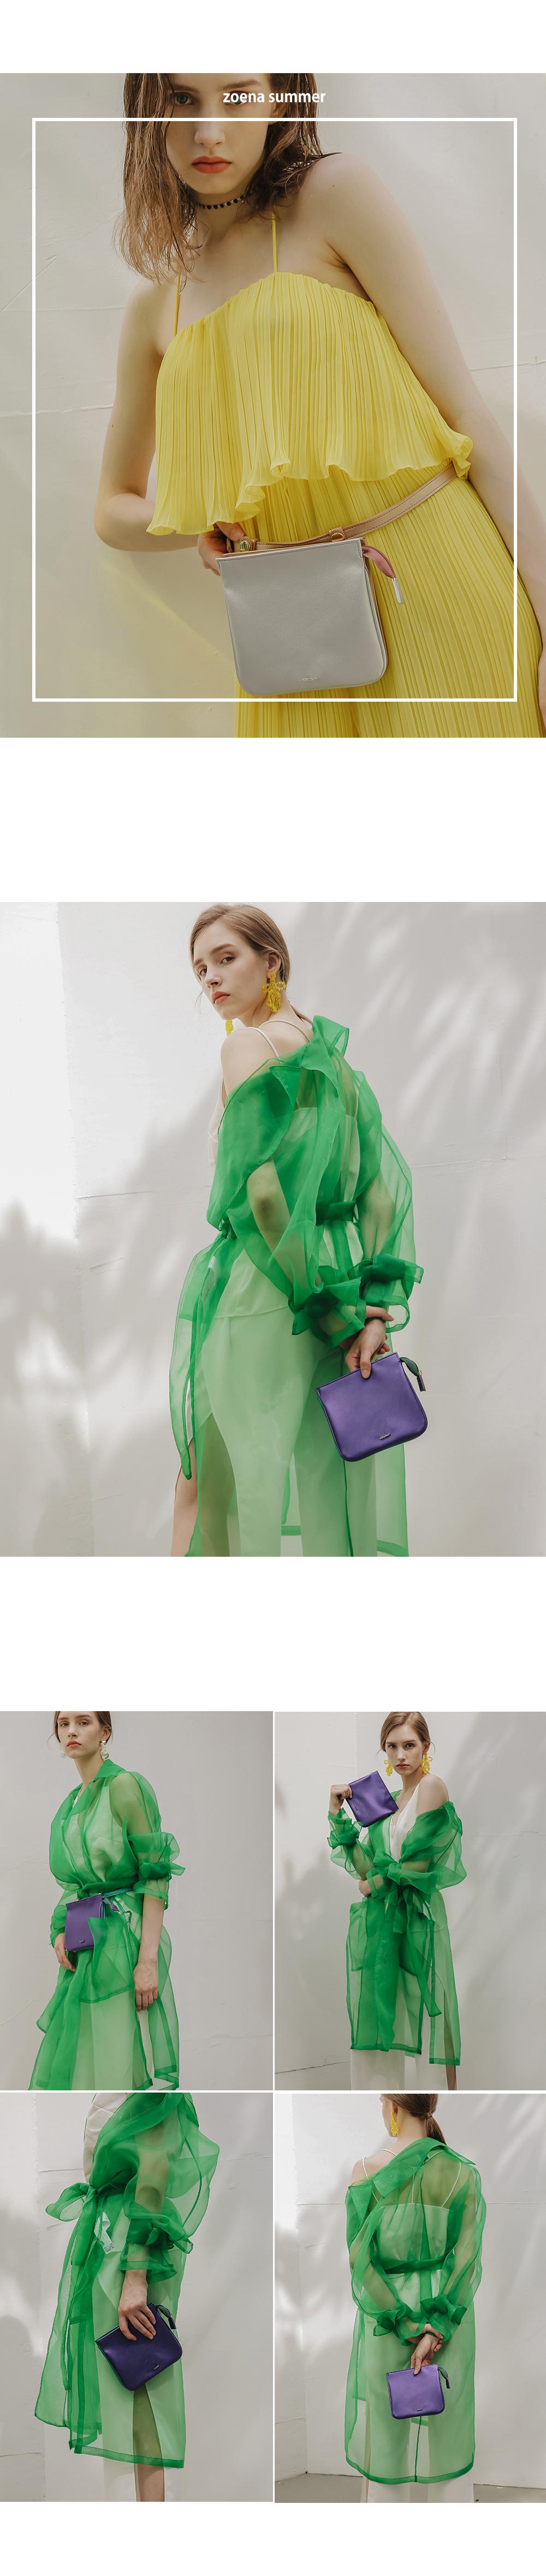 조에나(ZOENA) 미니 벨트 가방